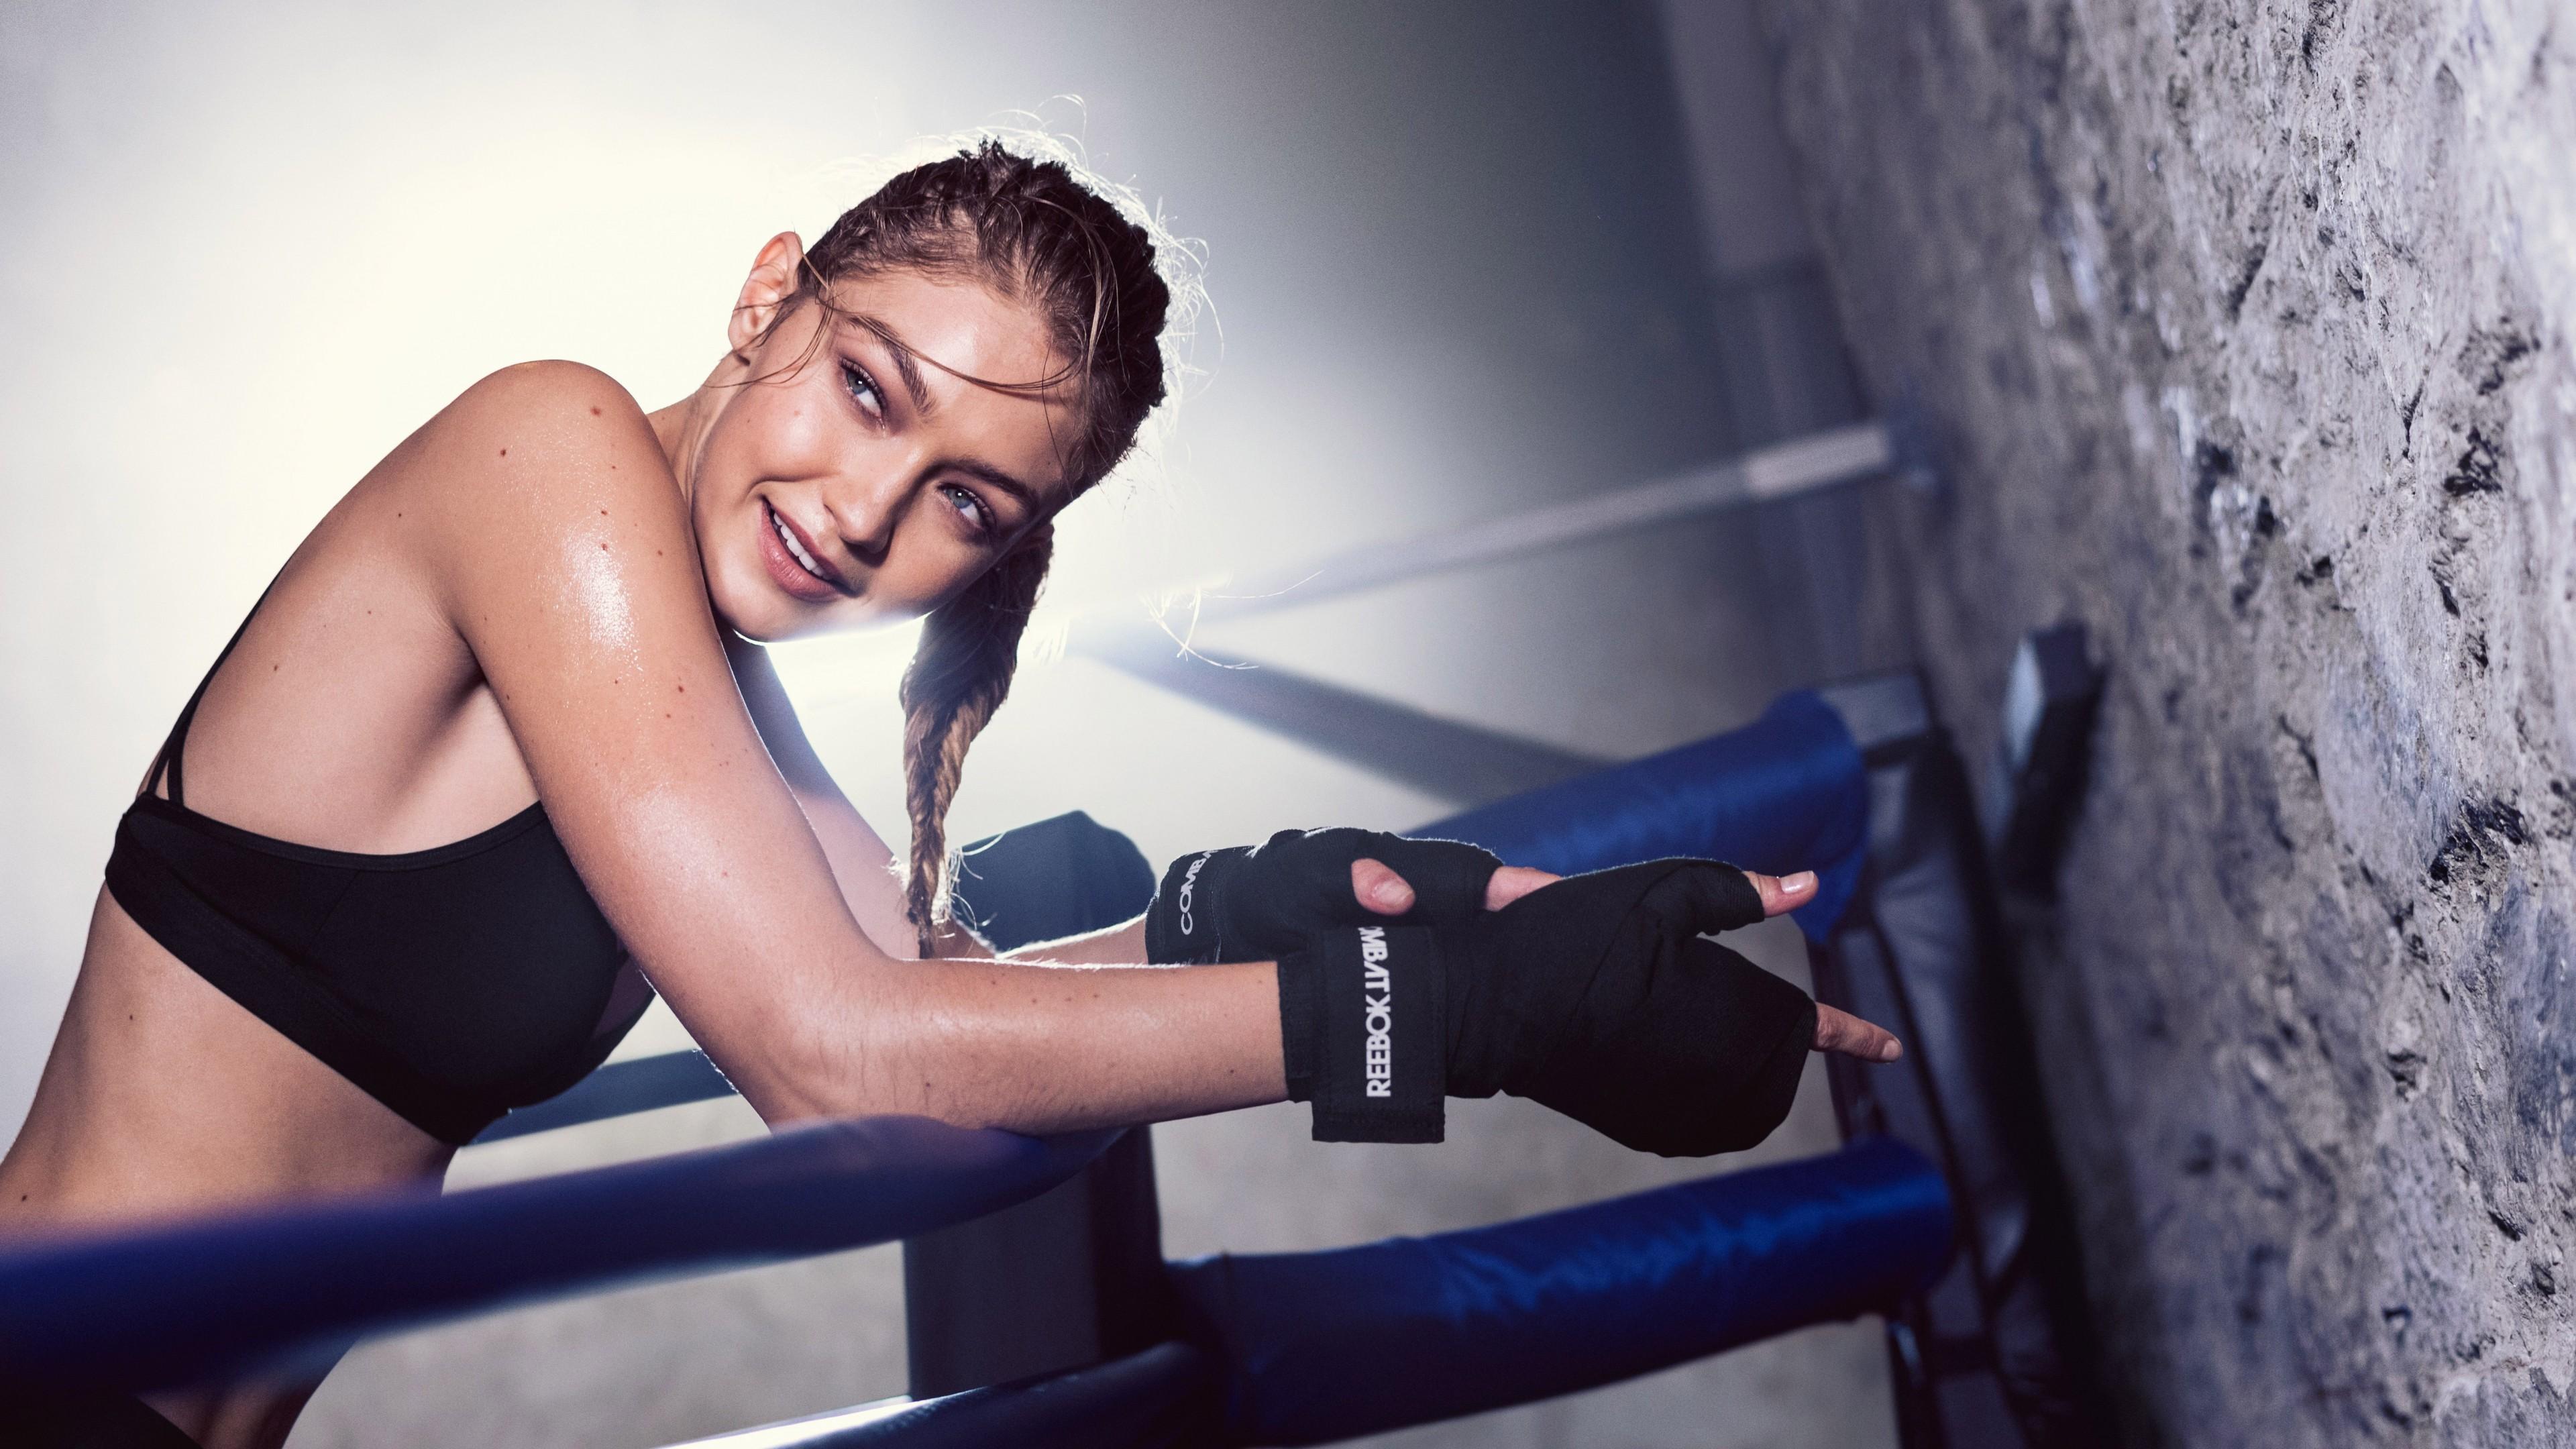 Девушка на тренировке в боксерских перчатках